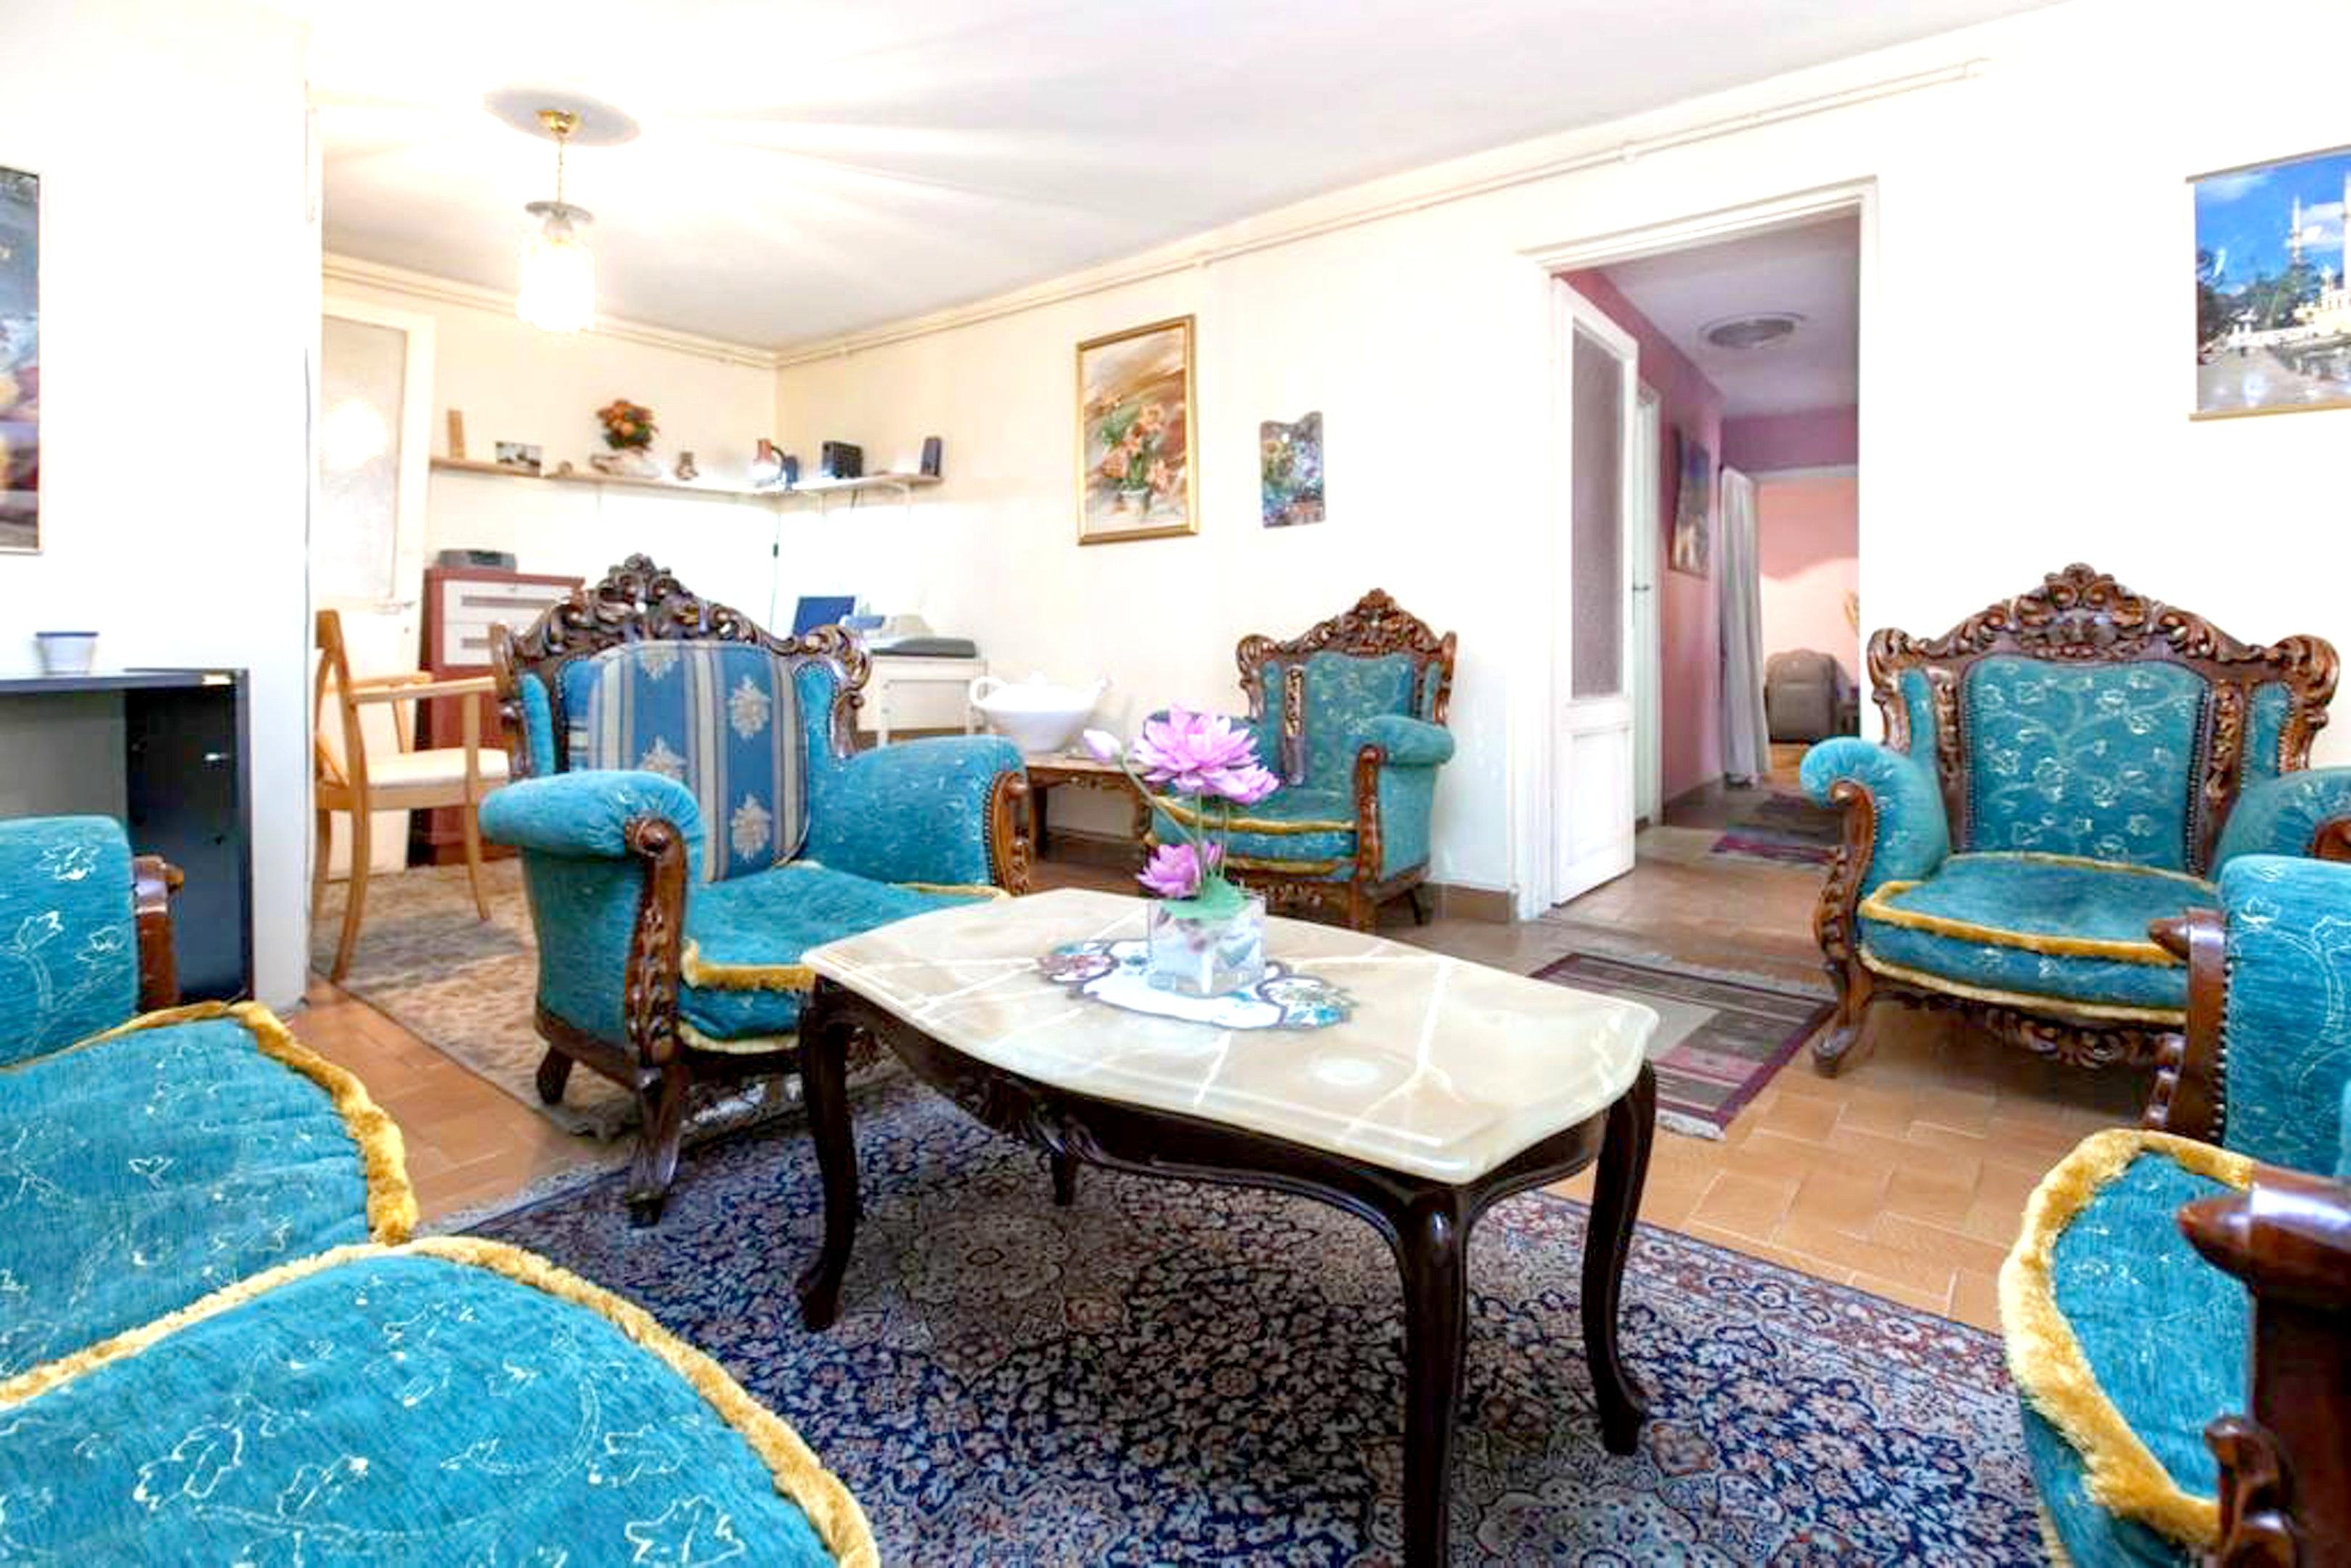 Wohnung mit 2 Schlafzimmern in Beyoglu Istanbul